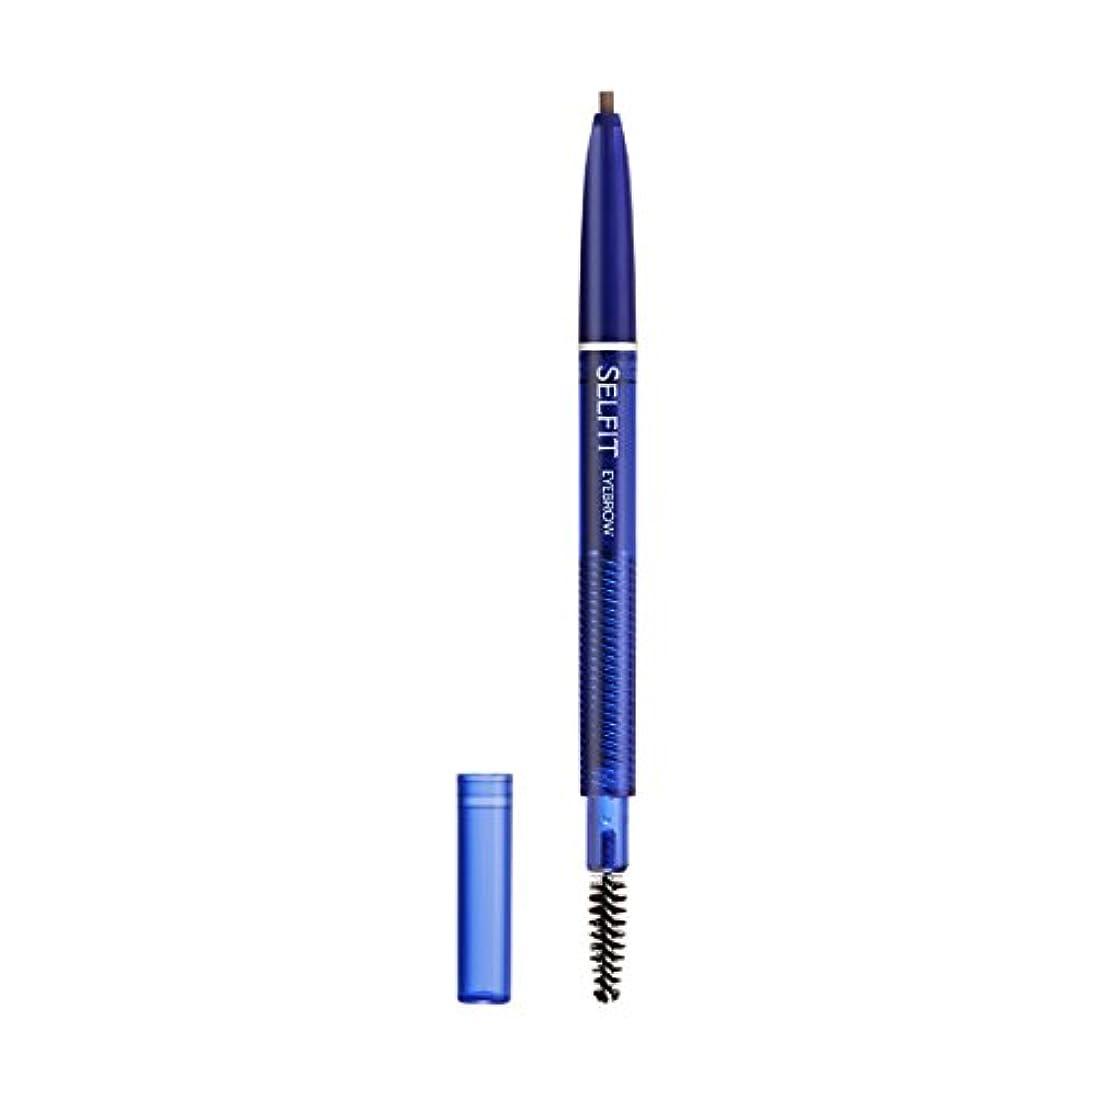 振動させる存在する美容師セルフィット アイブローa 50 0.1g